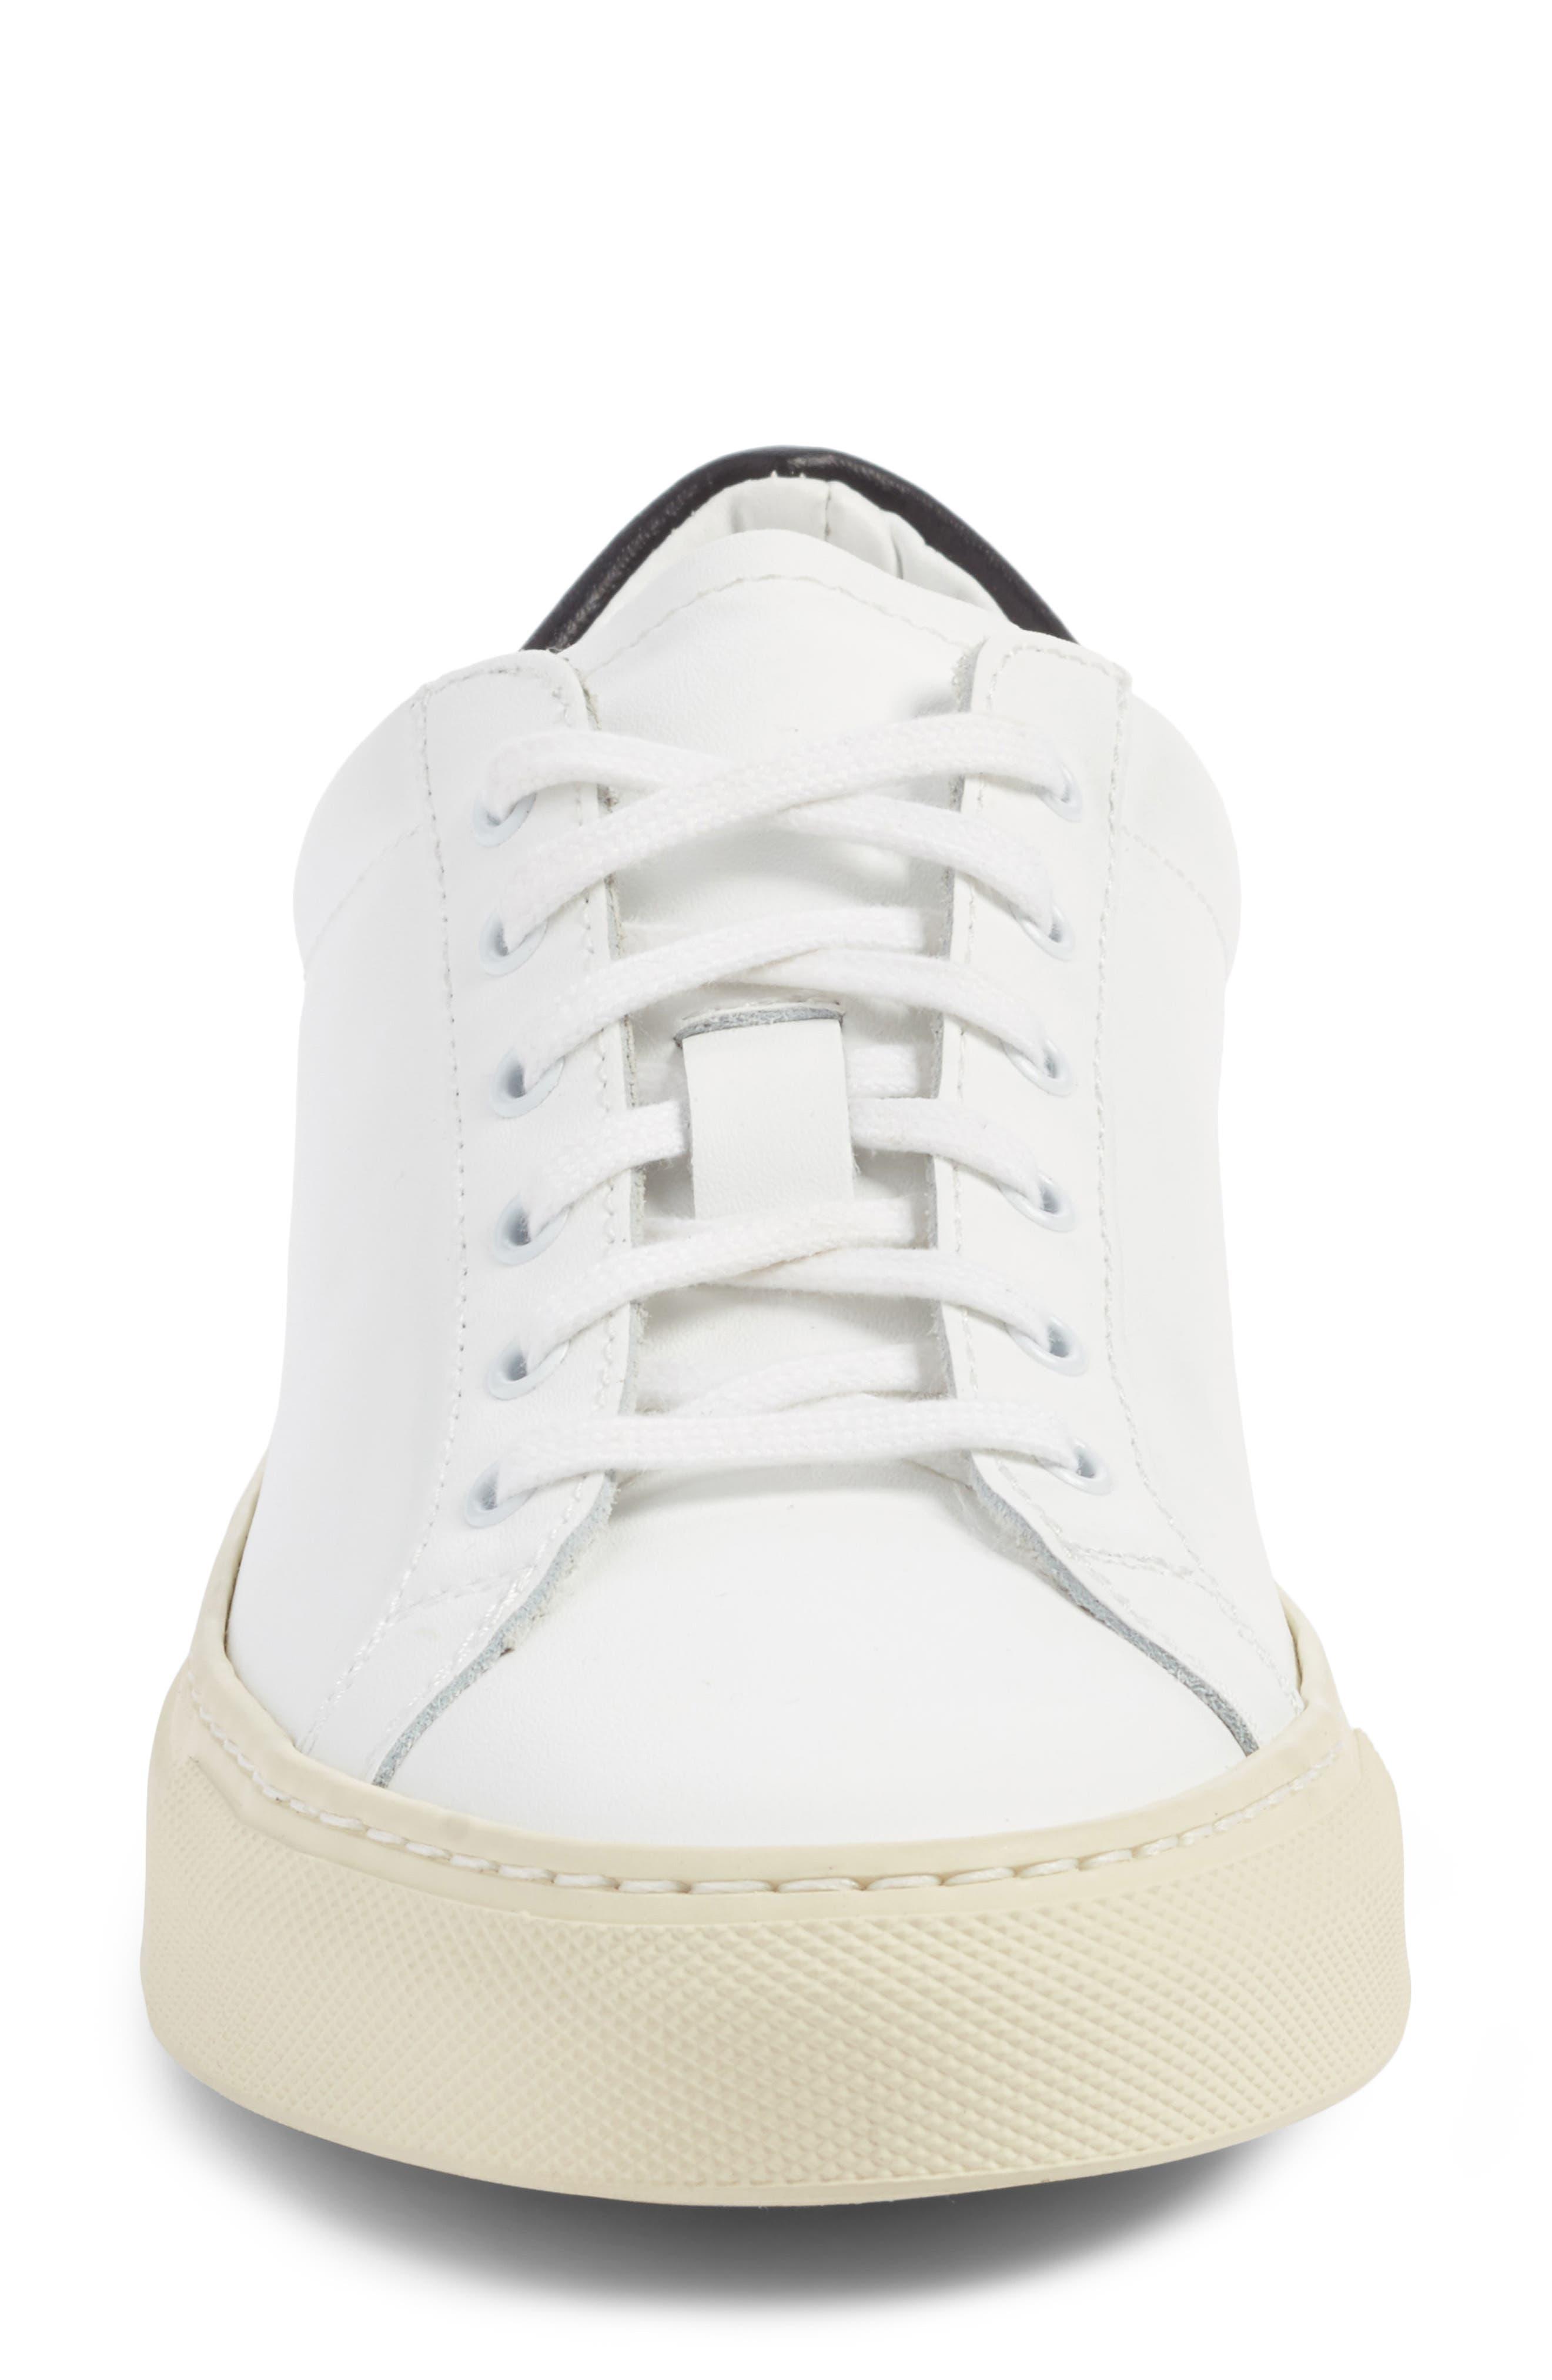 Achilles Low Top Sneaker,                             Alternate thumbnail 4, color,                             101